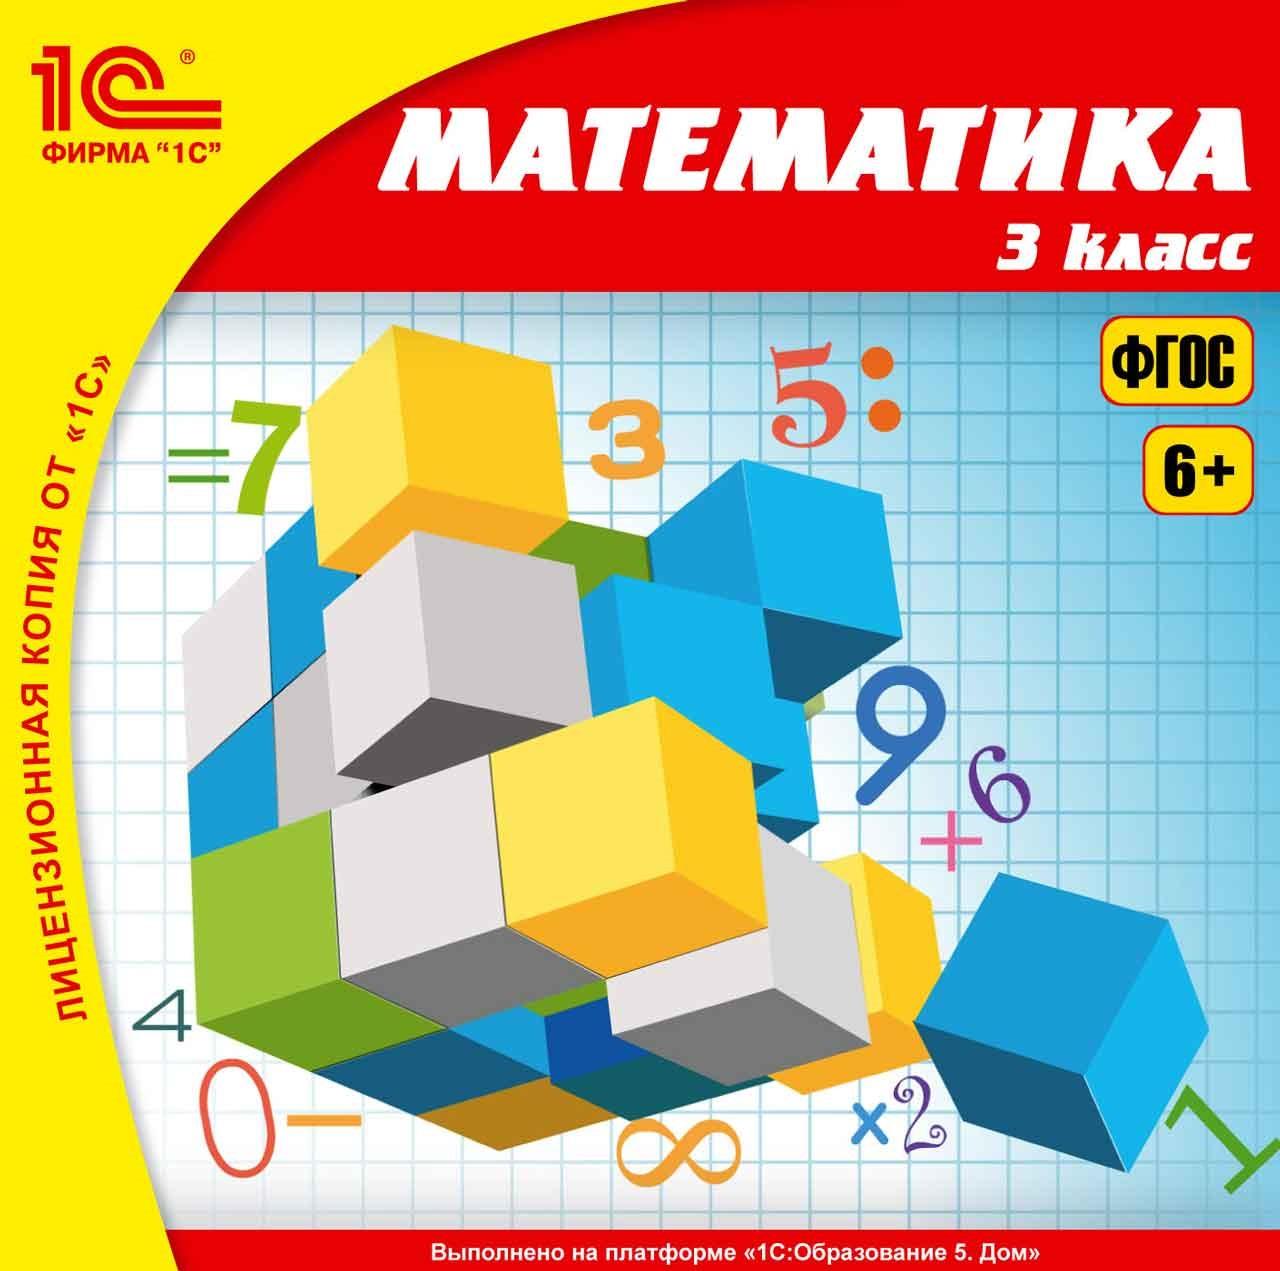 Математика, 3 классЭлектронное пособие Математика, 3 класс разработано для учащихся 3-го класса начальной общеобразовательной школы в соответствии с требованиями нового ФГОС НОО.<br>